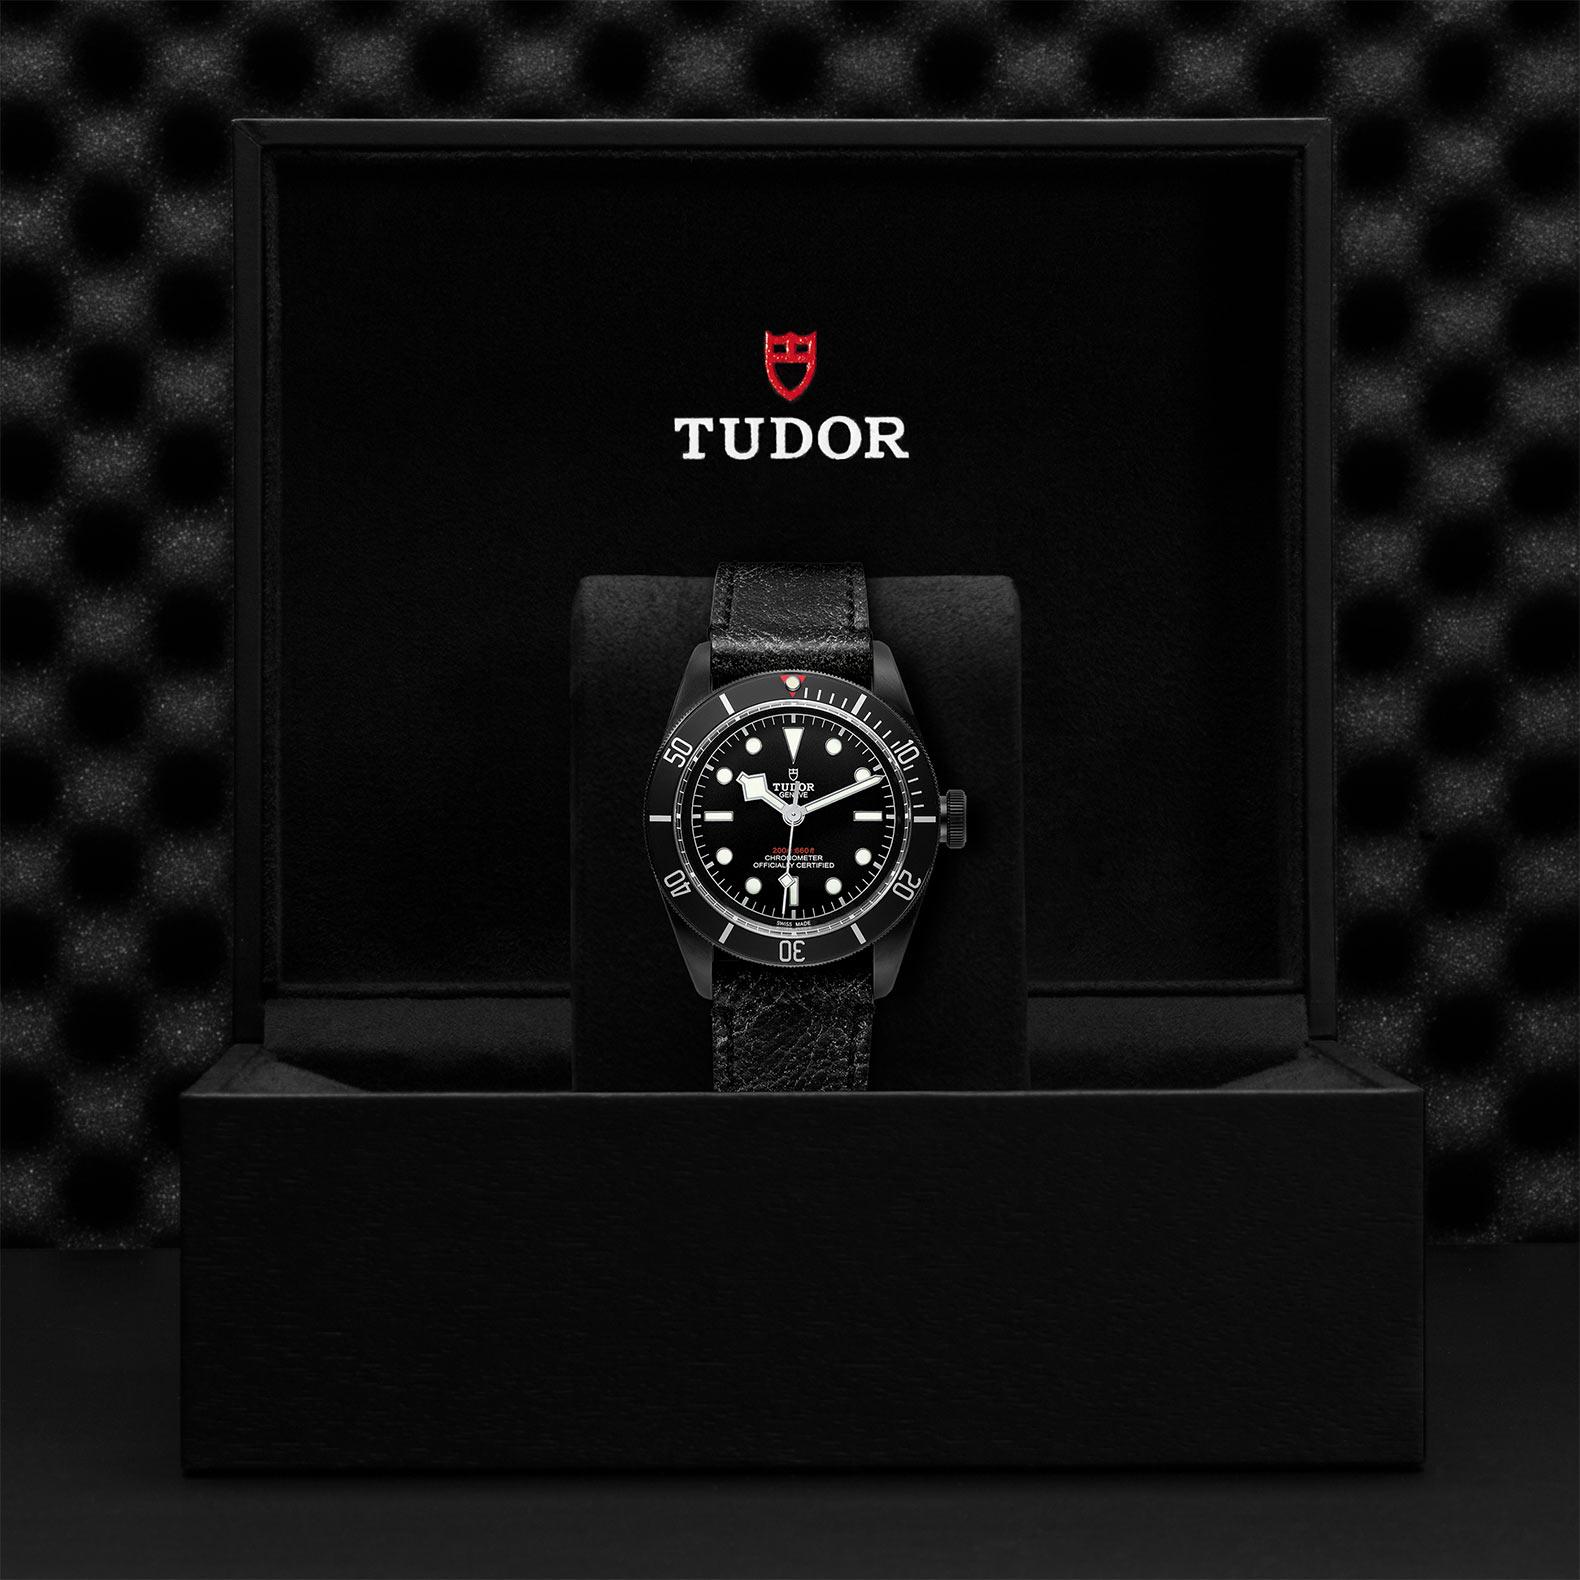 Tudor_M79230dk-0007